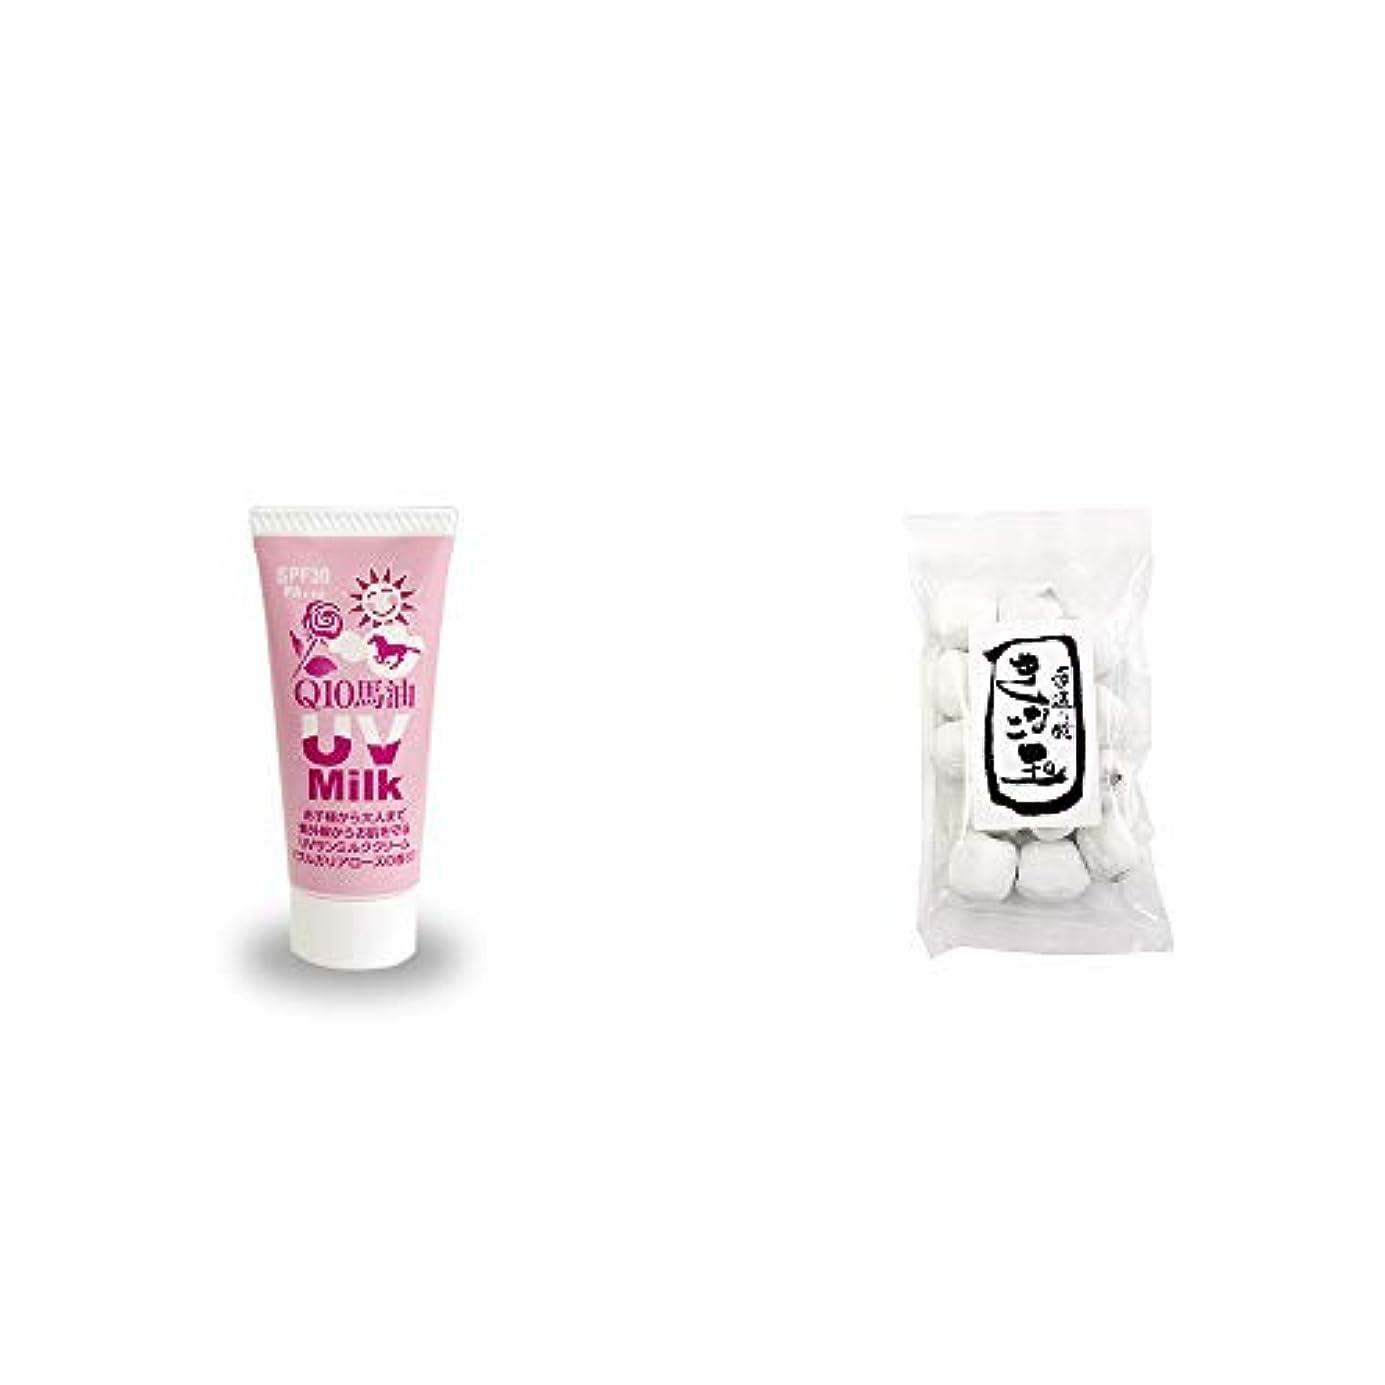 口径アブセイ石炭[2点セット] 炭黒泉 Q10馬油 UVサンミルク[ブルガリアローズ](40g)?きなこ玉(160g)